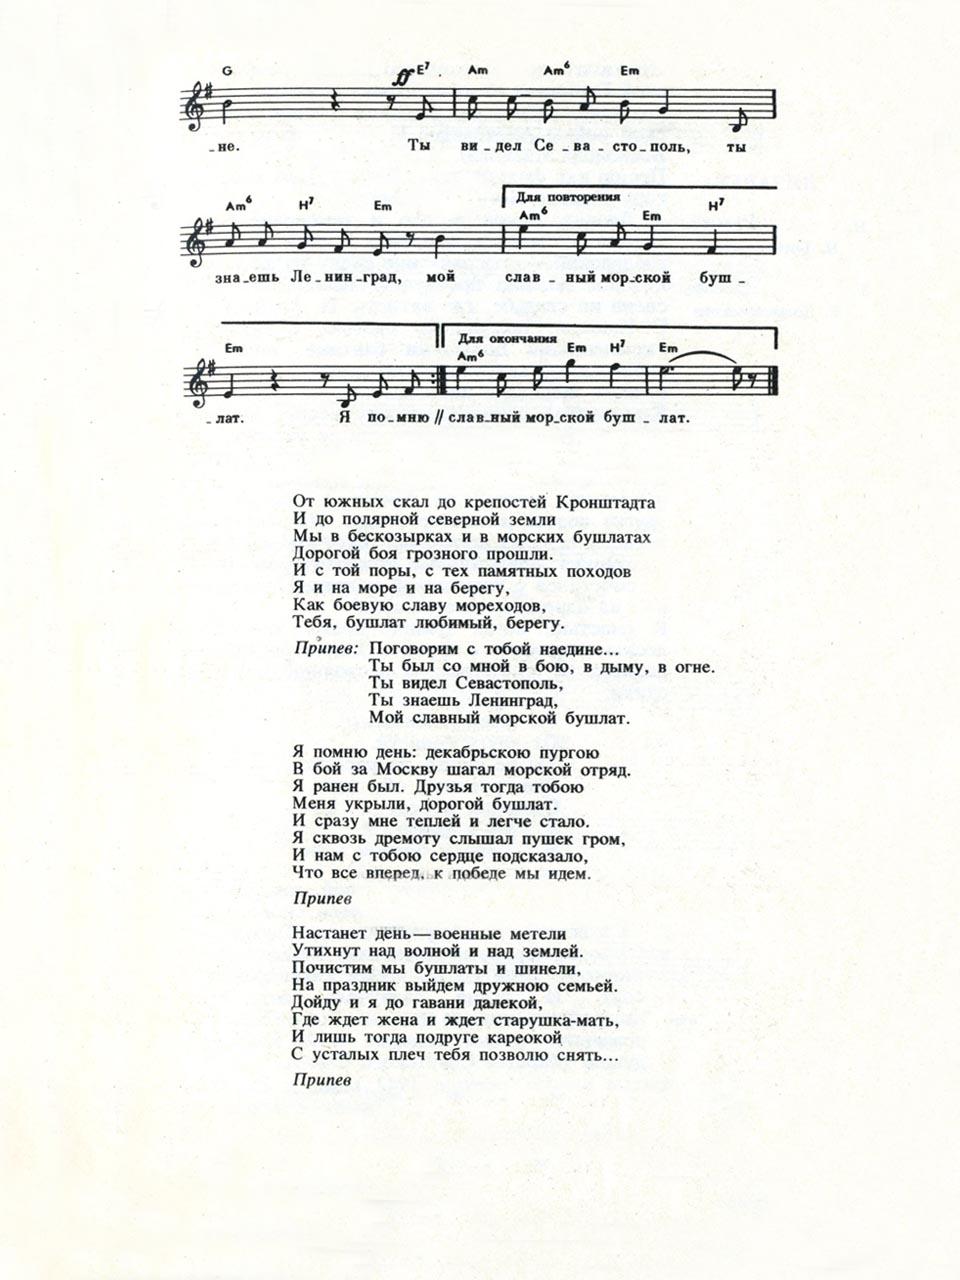 Б. Терентьев, Н. Флёров. Песня о бушлате. Ноты для голоса и аккорды